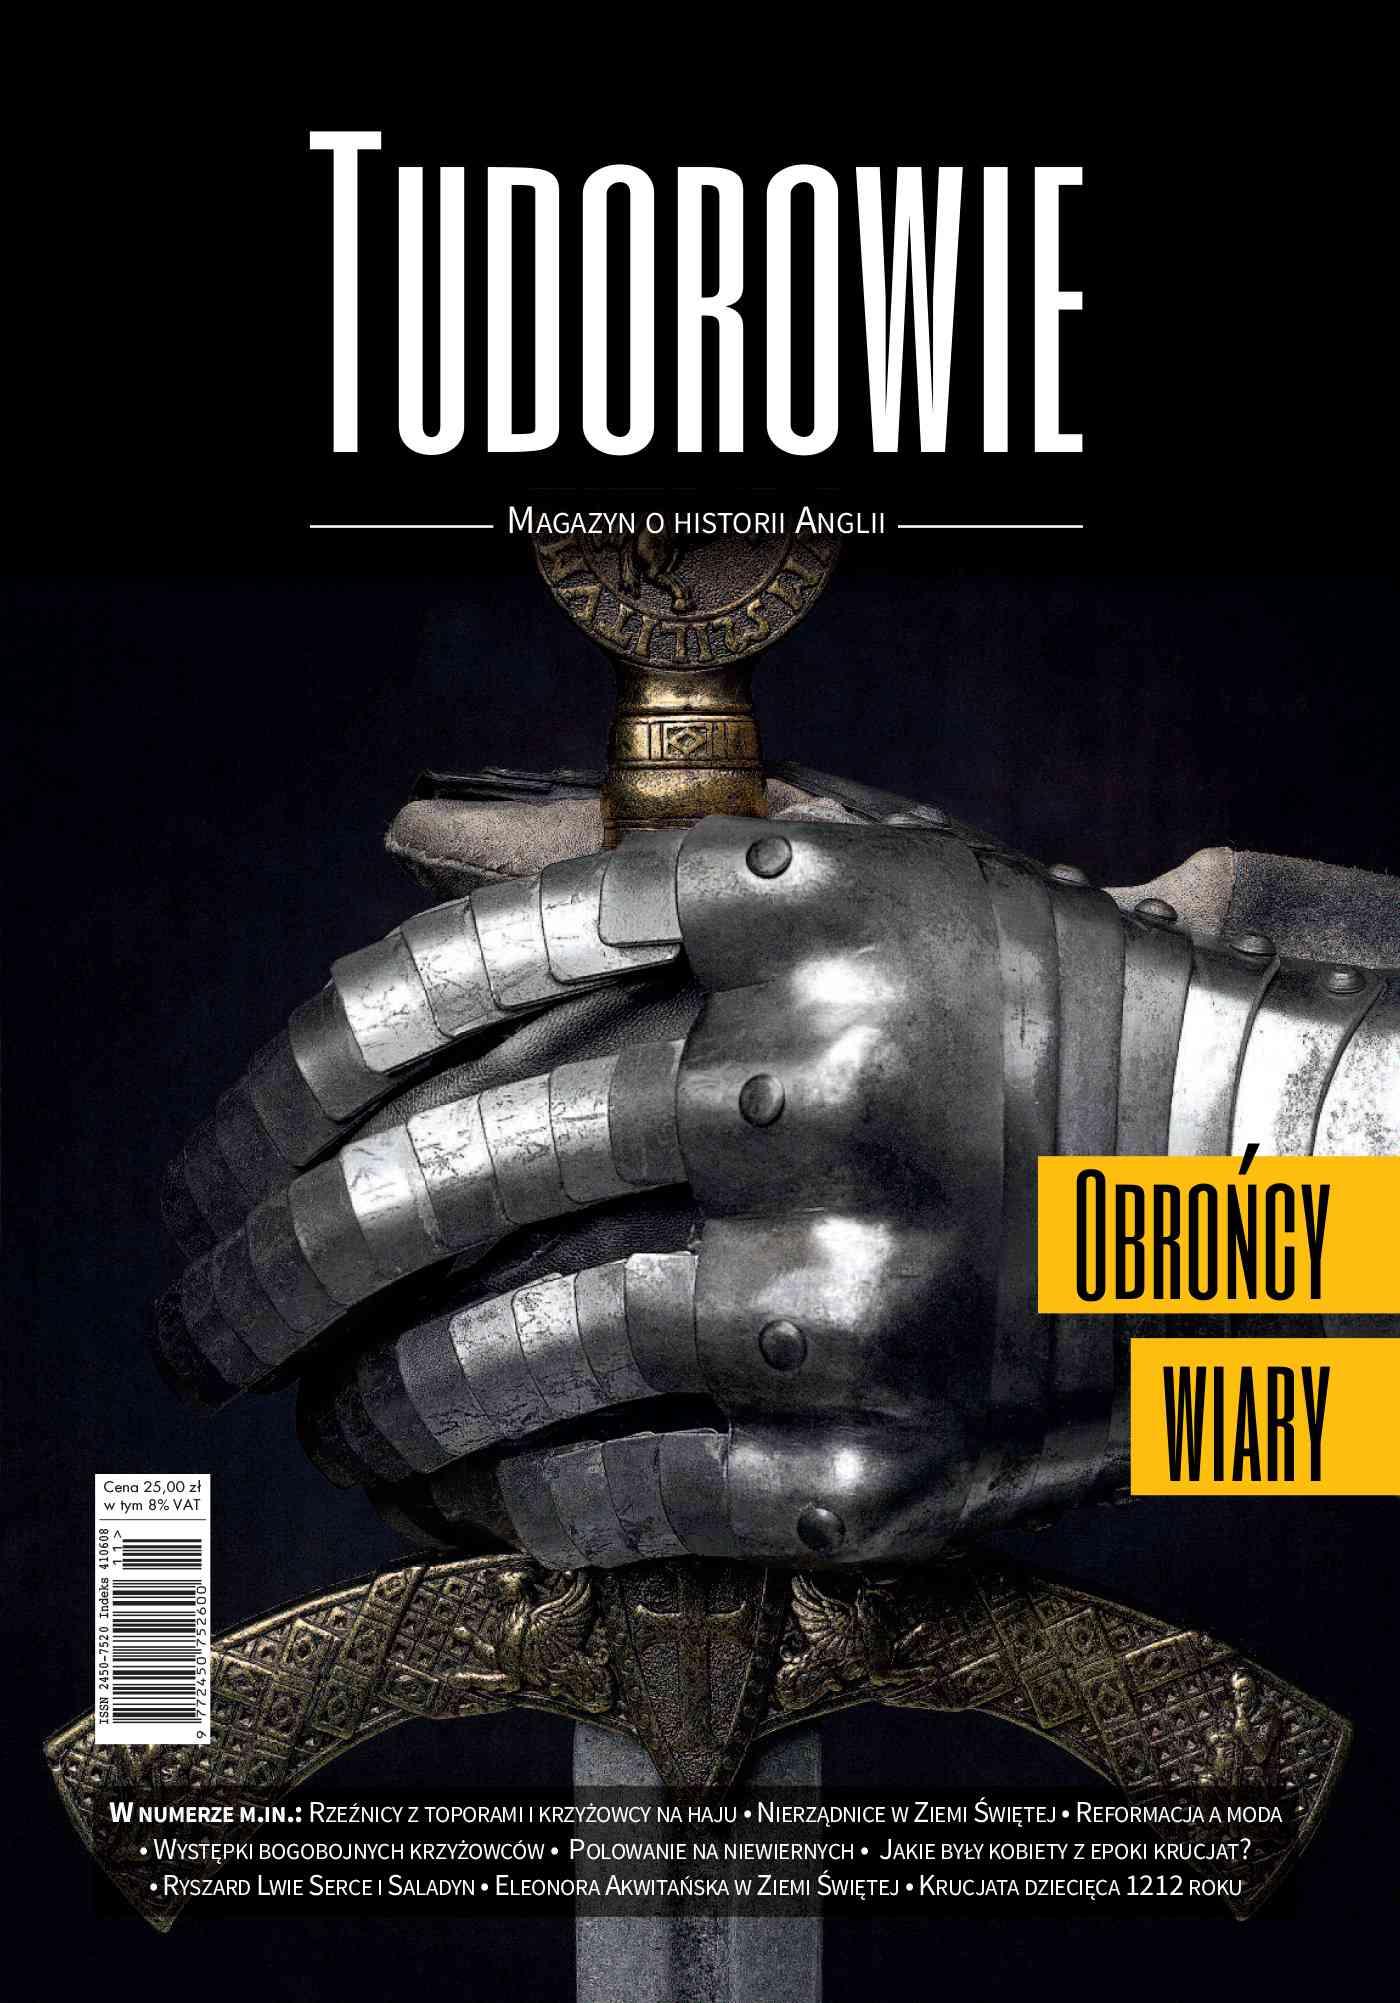 Tudorowie 5/2016 - Ebook (Książka EPUB) do pobrania w formacie EPUB